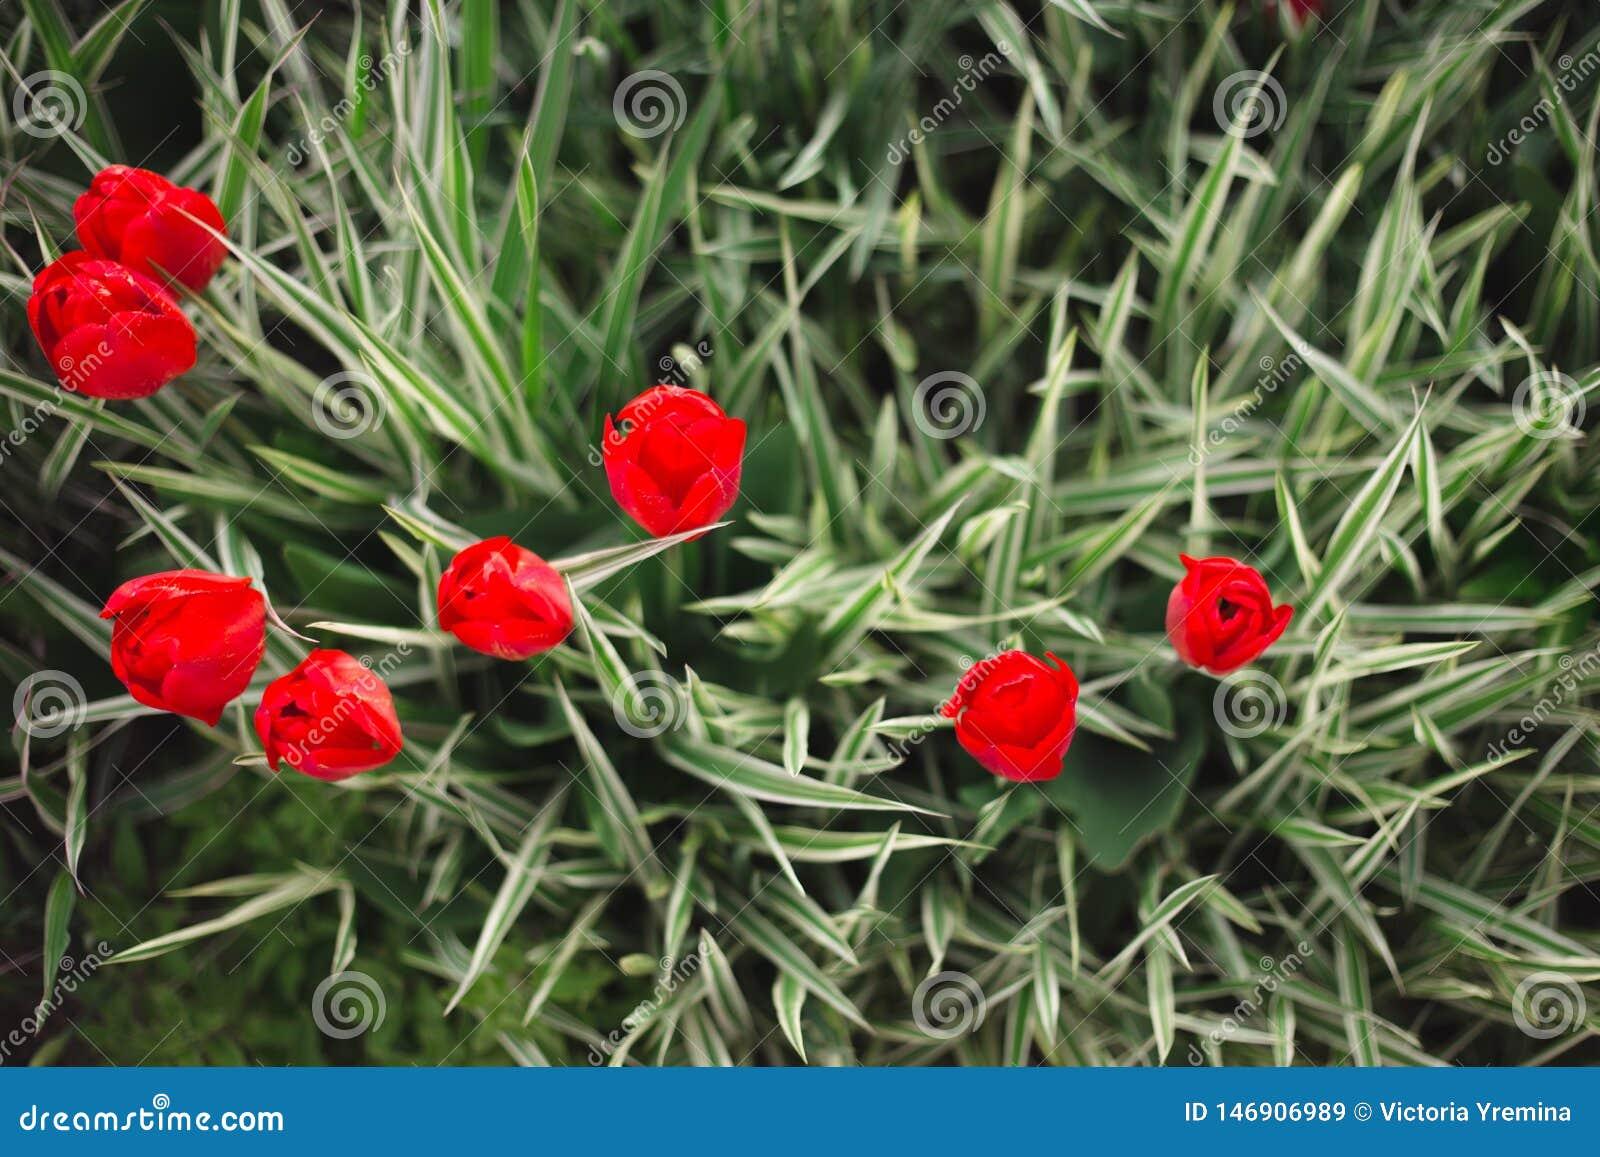 W g?r? czerwonych tulipan?w kwitnie w?r?d trawy i zielenieje